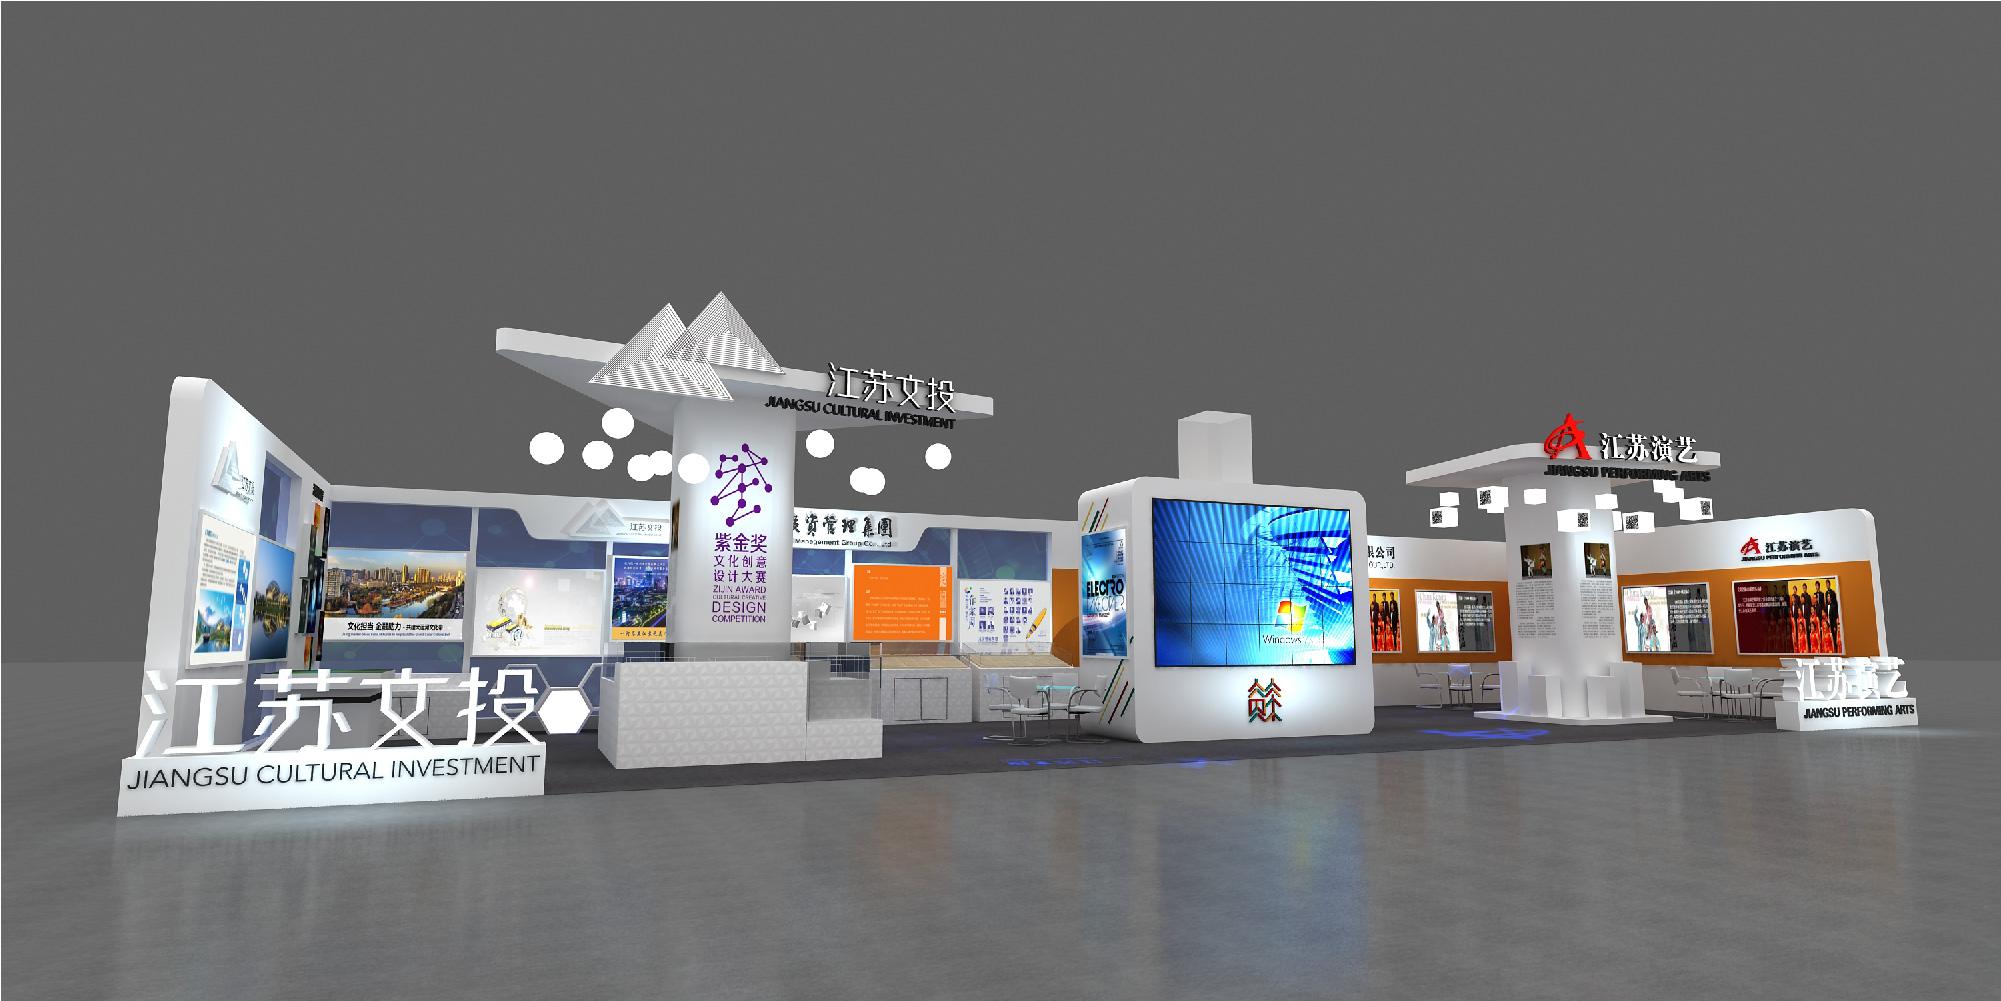 首屆長三角國際文化產業博覽會江蘇文投展臺